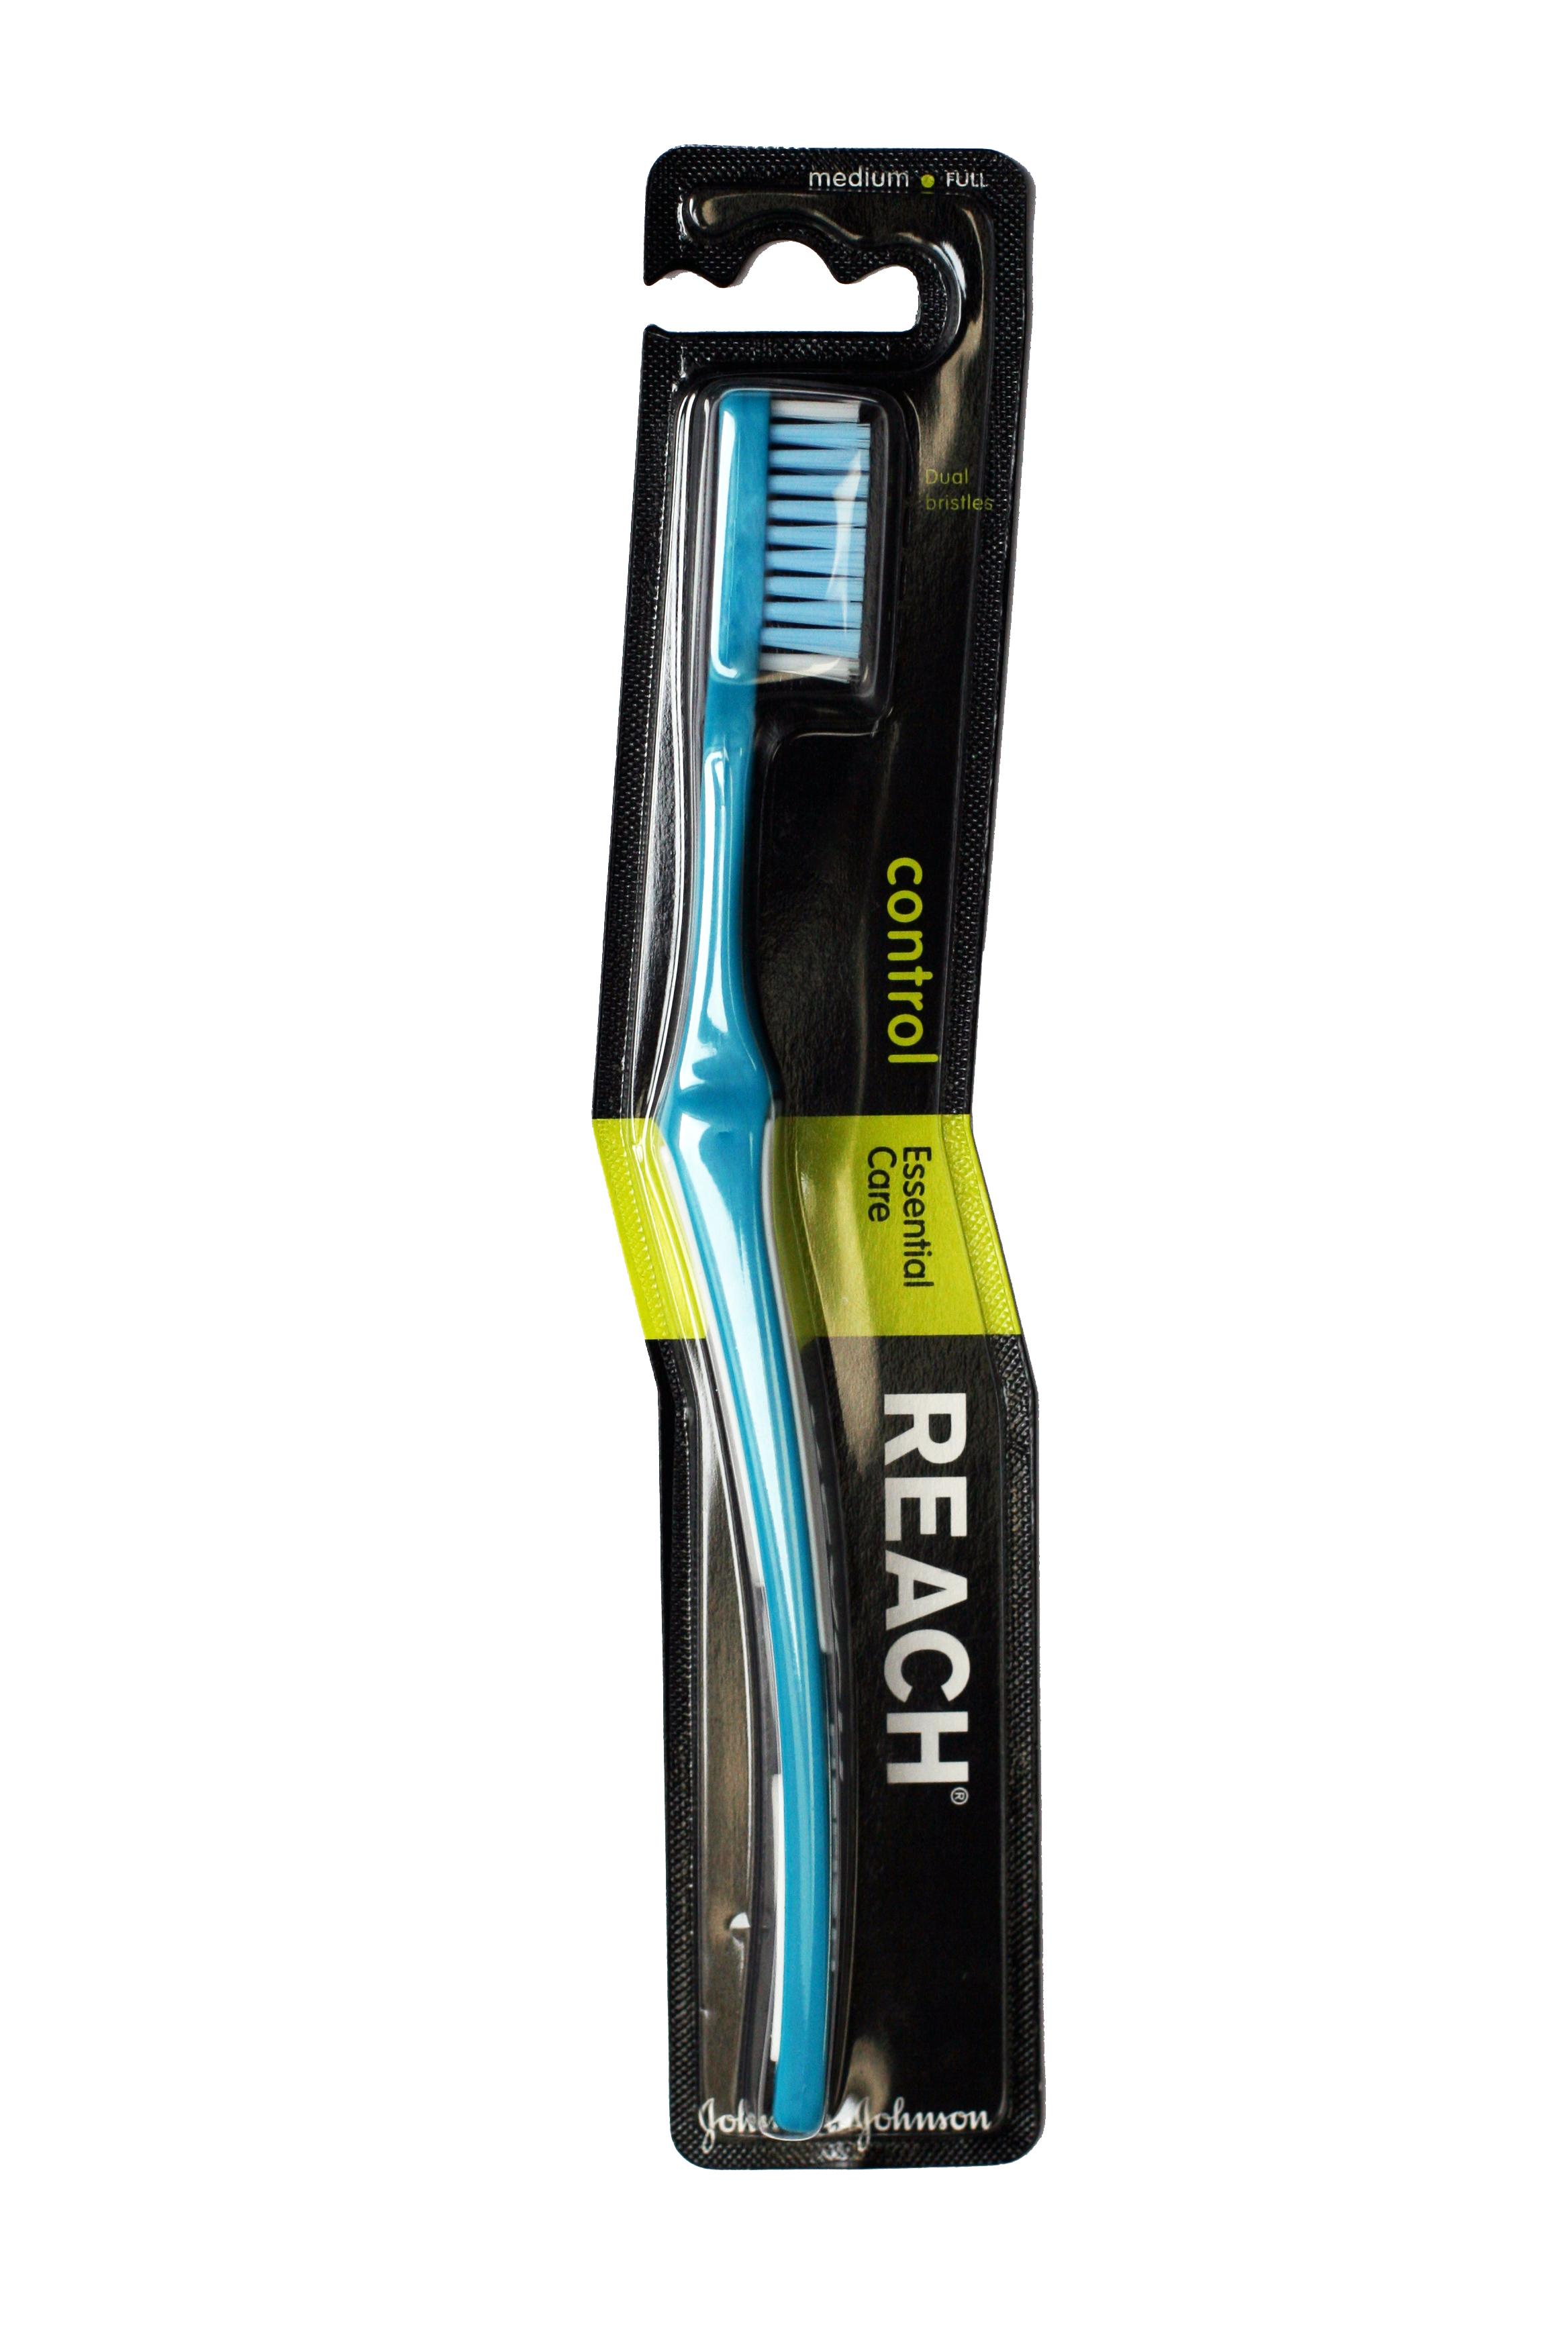 Reach Зубная щетка Control, средней жесткости62125Reach Зубная щетка - для большего контроля во время чистки: - длинные внешние щетинки бережно чистят вдоль линии десен. - шейка щетки расположена под углом для более легкой чистки труднодоступных мест. - мягкие резиновые накладки на ручке позволяют ей не скользить в руке во время чистки. - три уровня жесткости щетины: жесткая, средняя, мягкая. Товар сертифицирован.